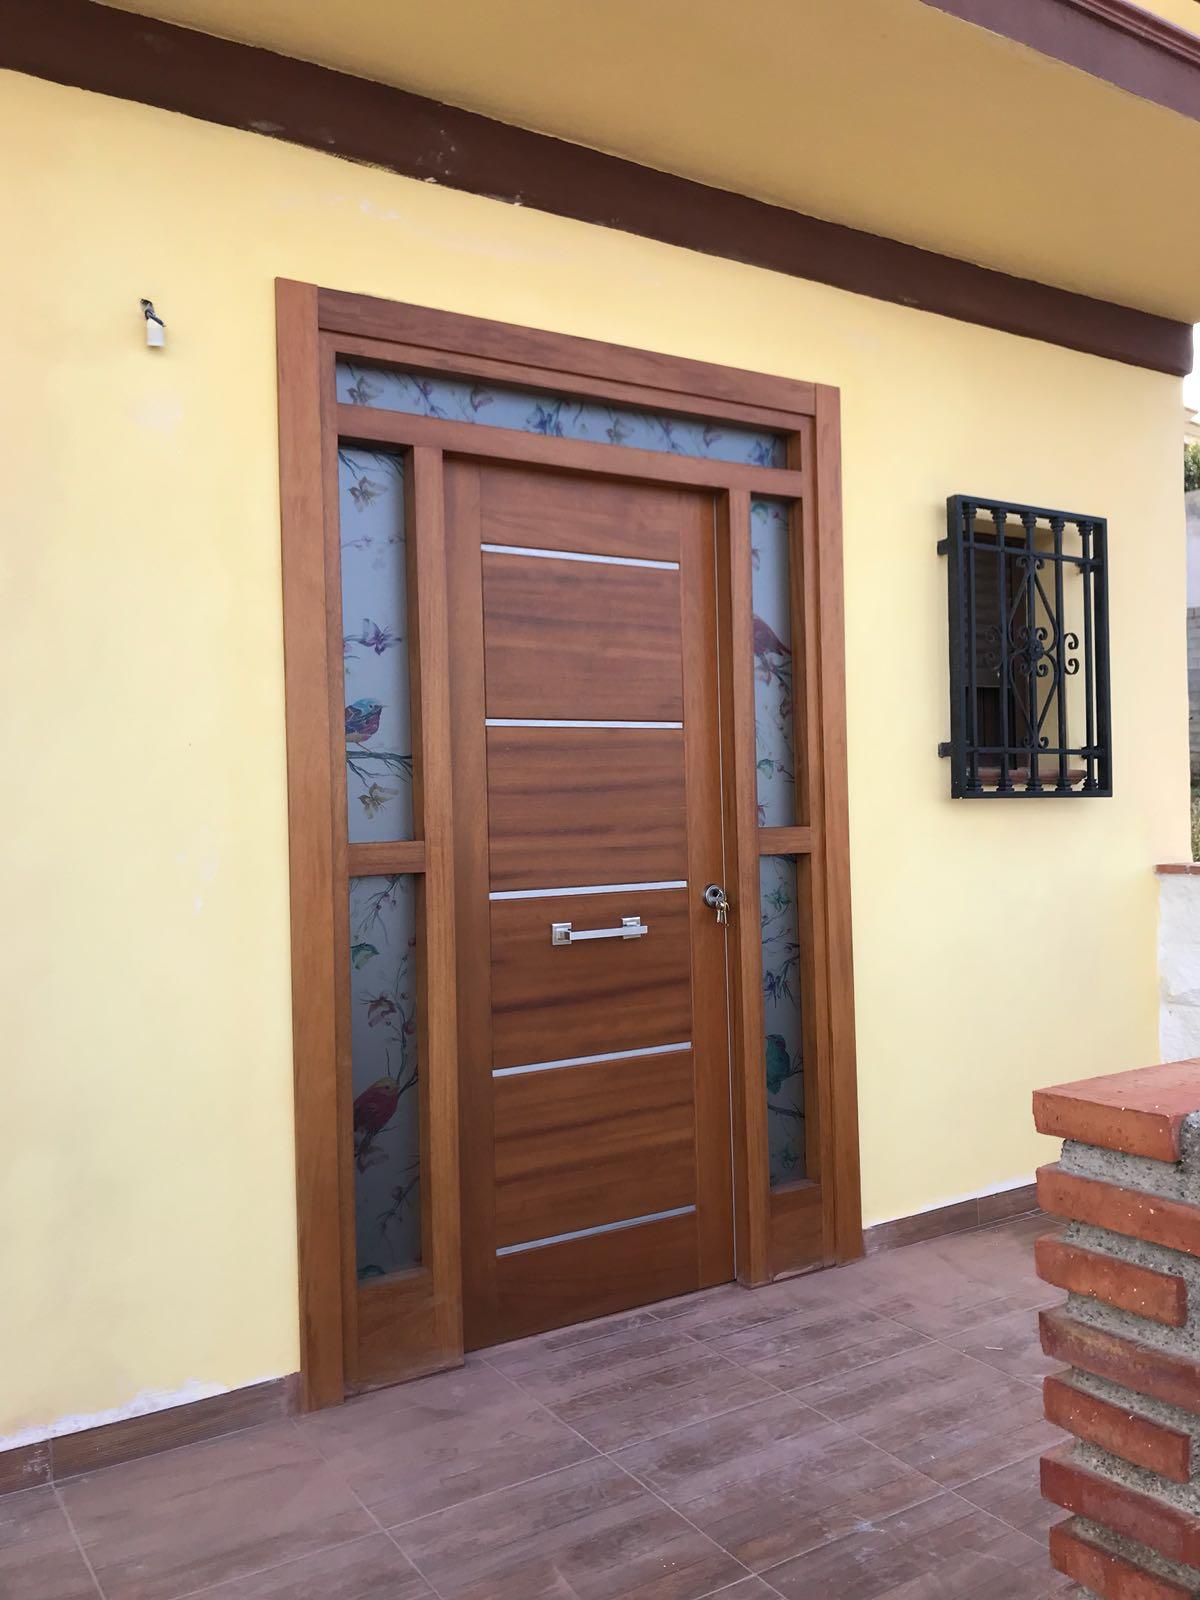 Puerta de entrada color madera con marco amplio decorado en granada carpinteria movidecor granada - Puertas de entrada con cristal ...